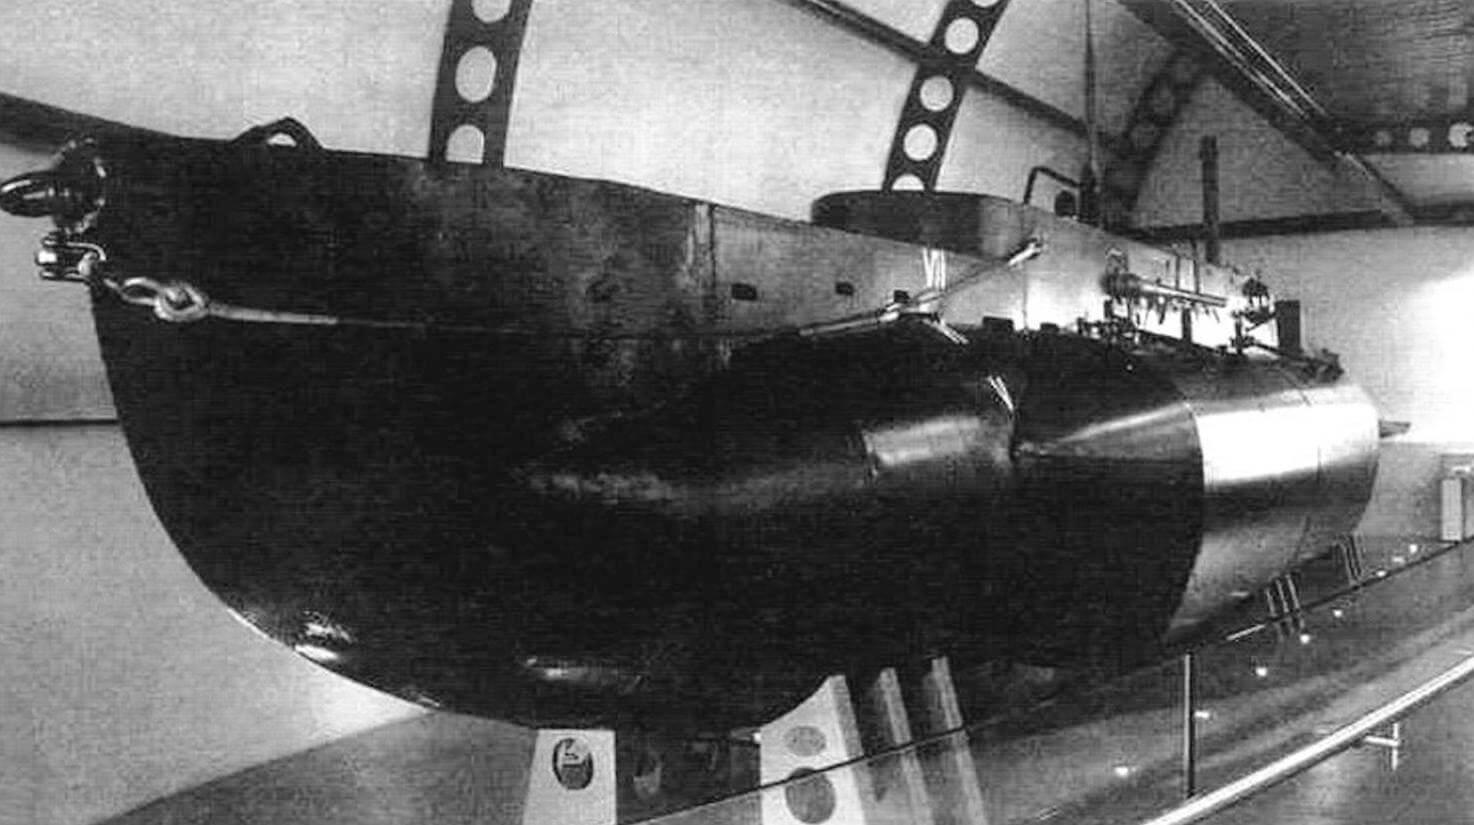 Х-24 в музее подводных лодок Королевскою флота в Госпорте. Это единственная уцелевшая до наших дней СМПЛ типа «X» военных серий, участвовавшая в боевых действиях